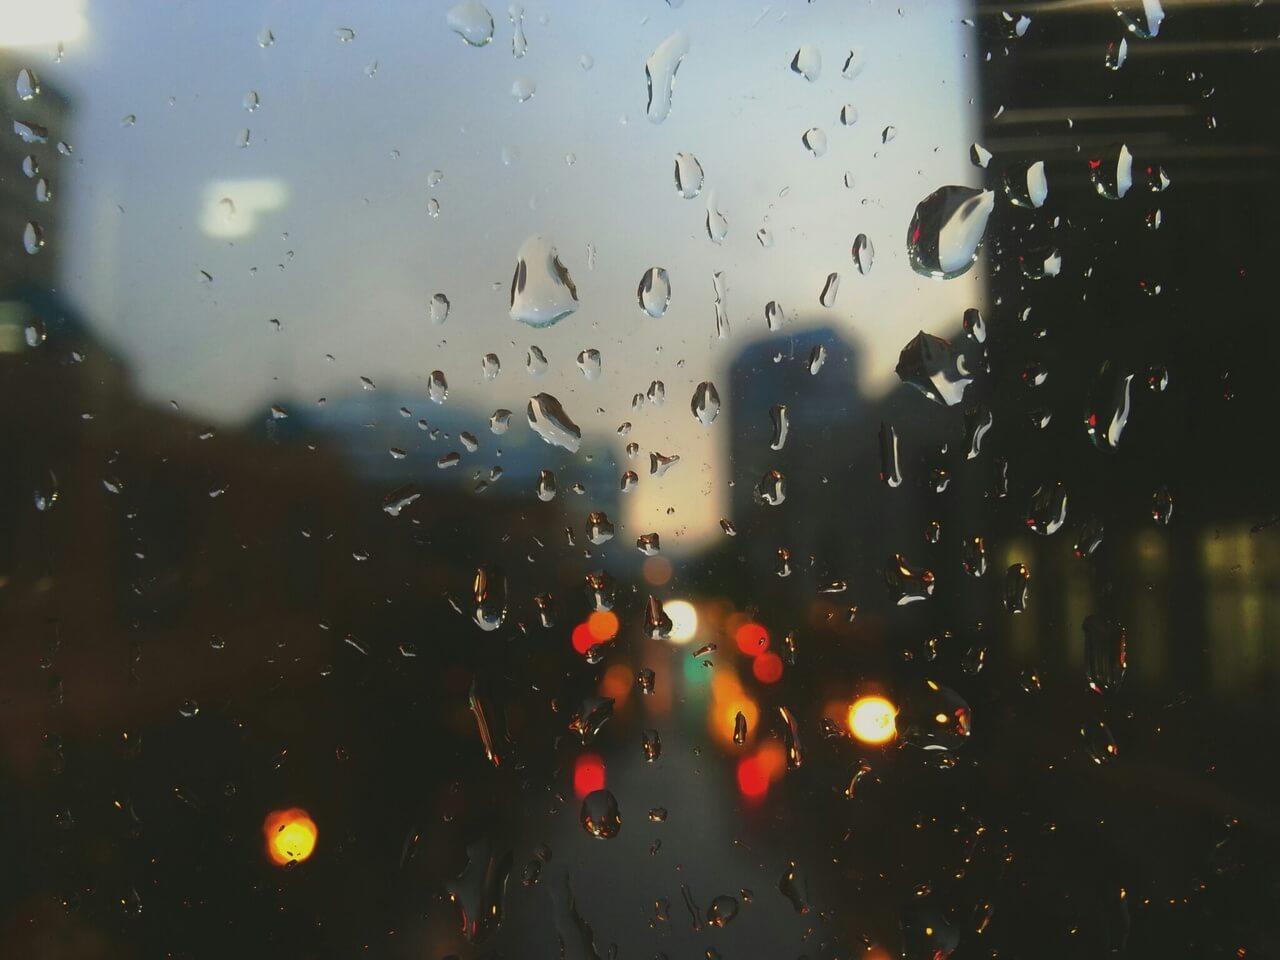 Abrir las ventanas soluciona la humedad